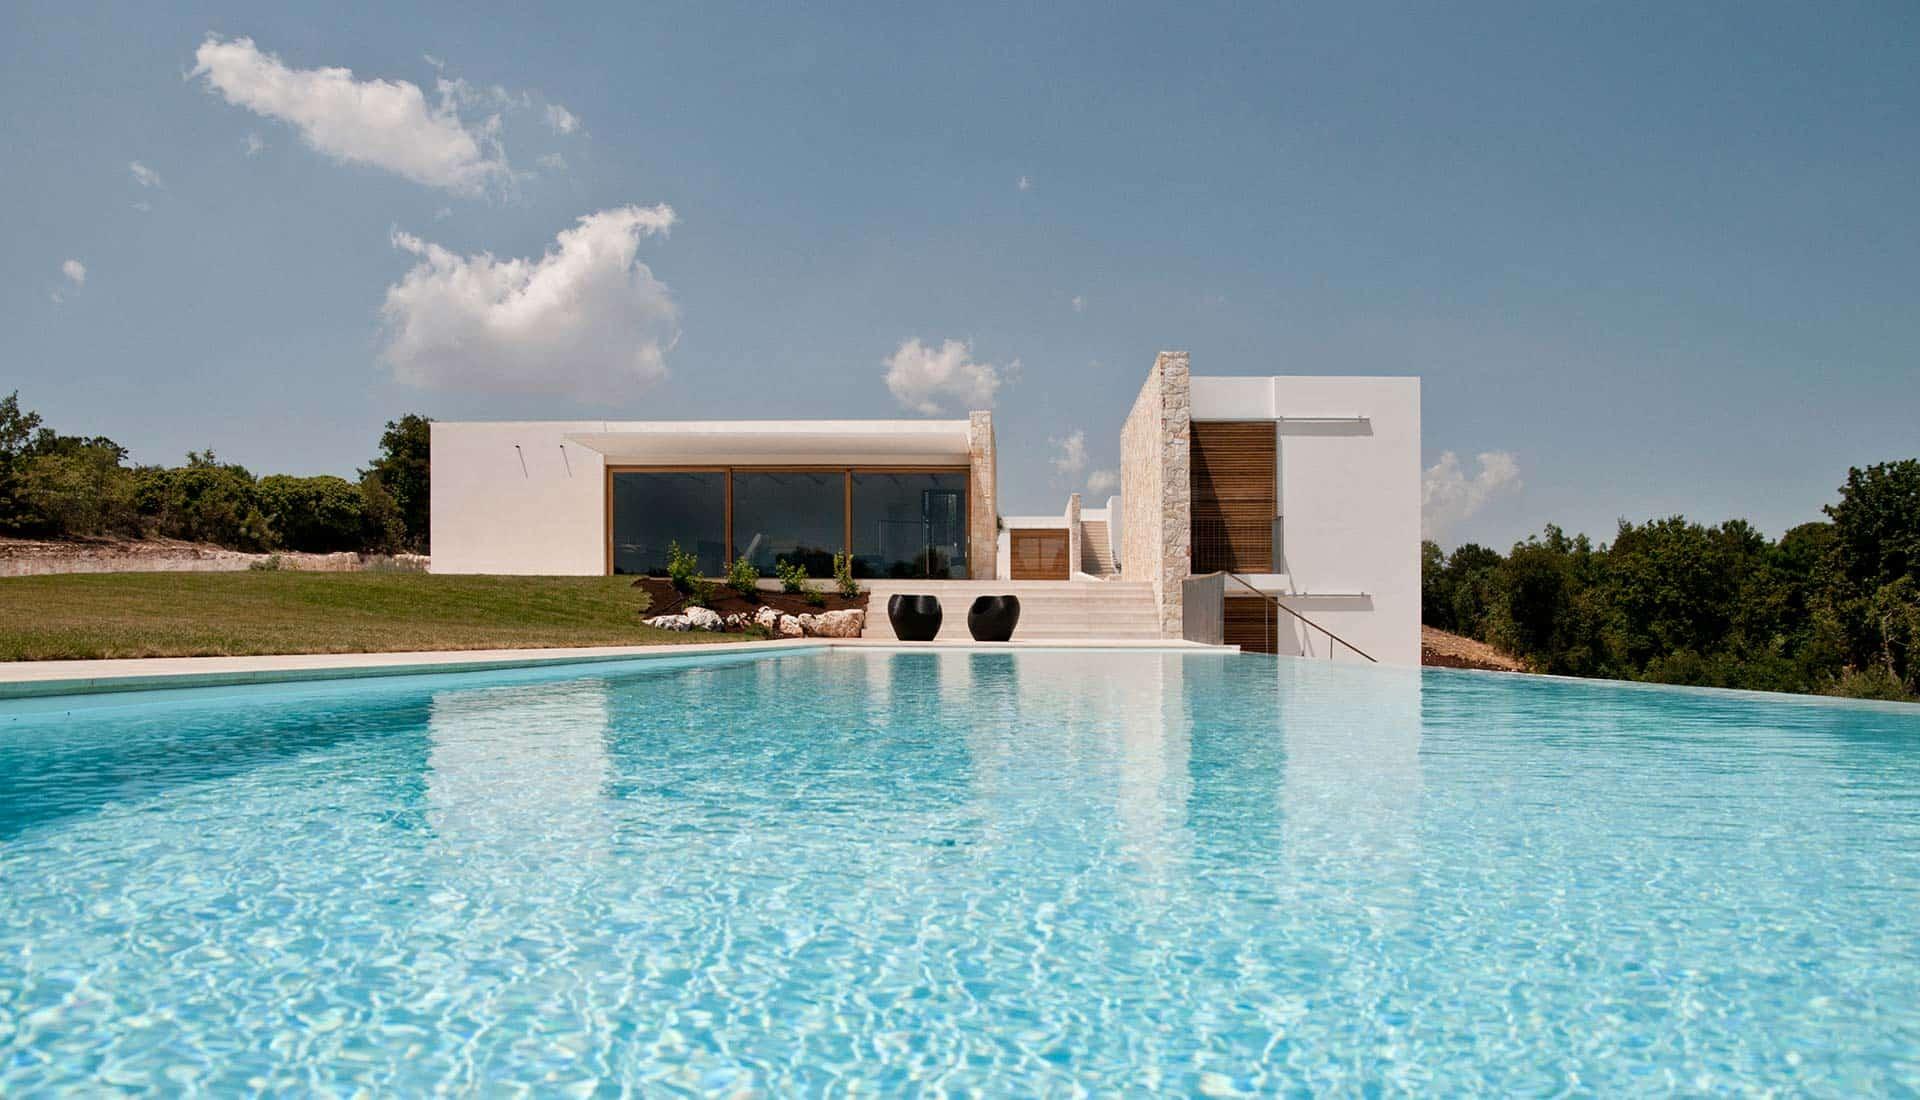 Corsaro architetti - progetto Casa Ceno